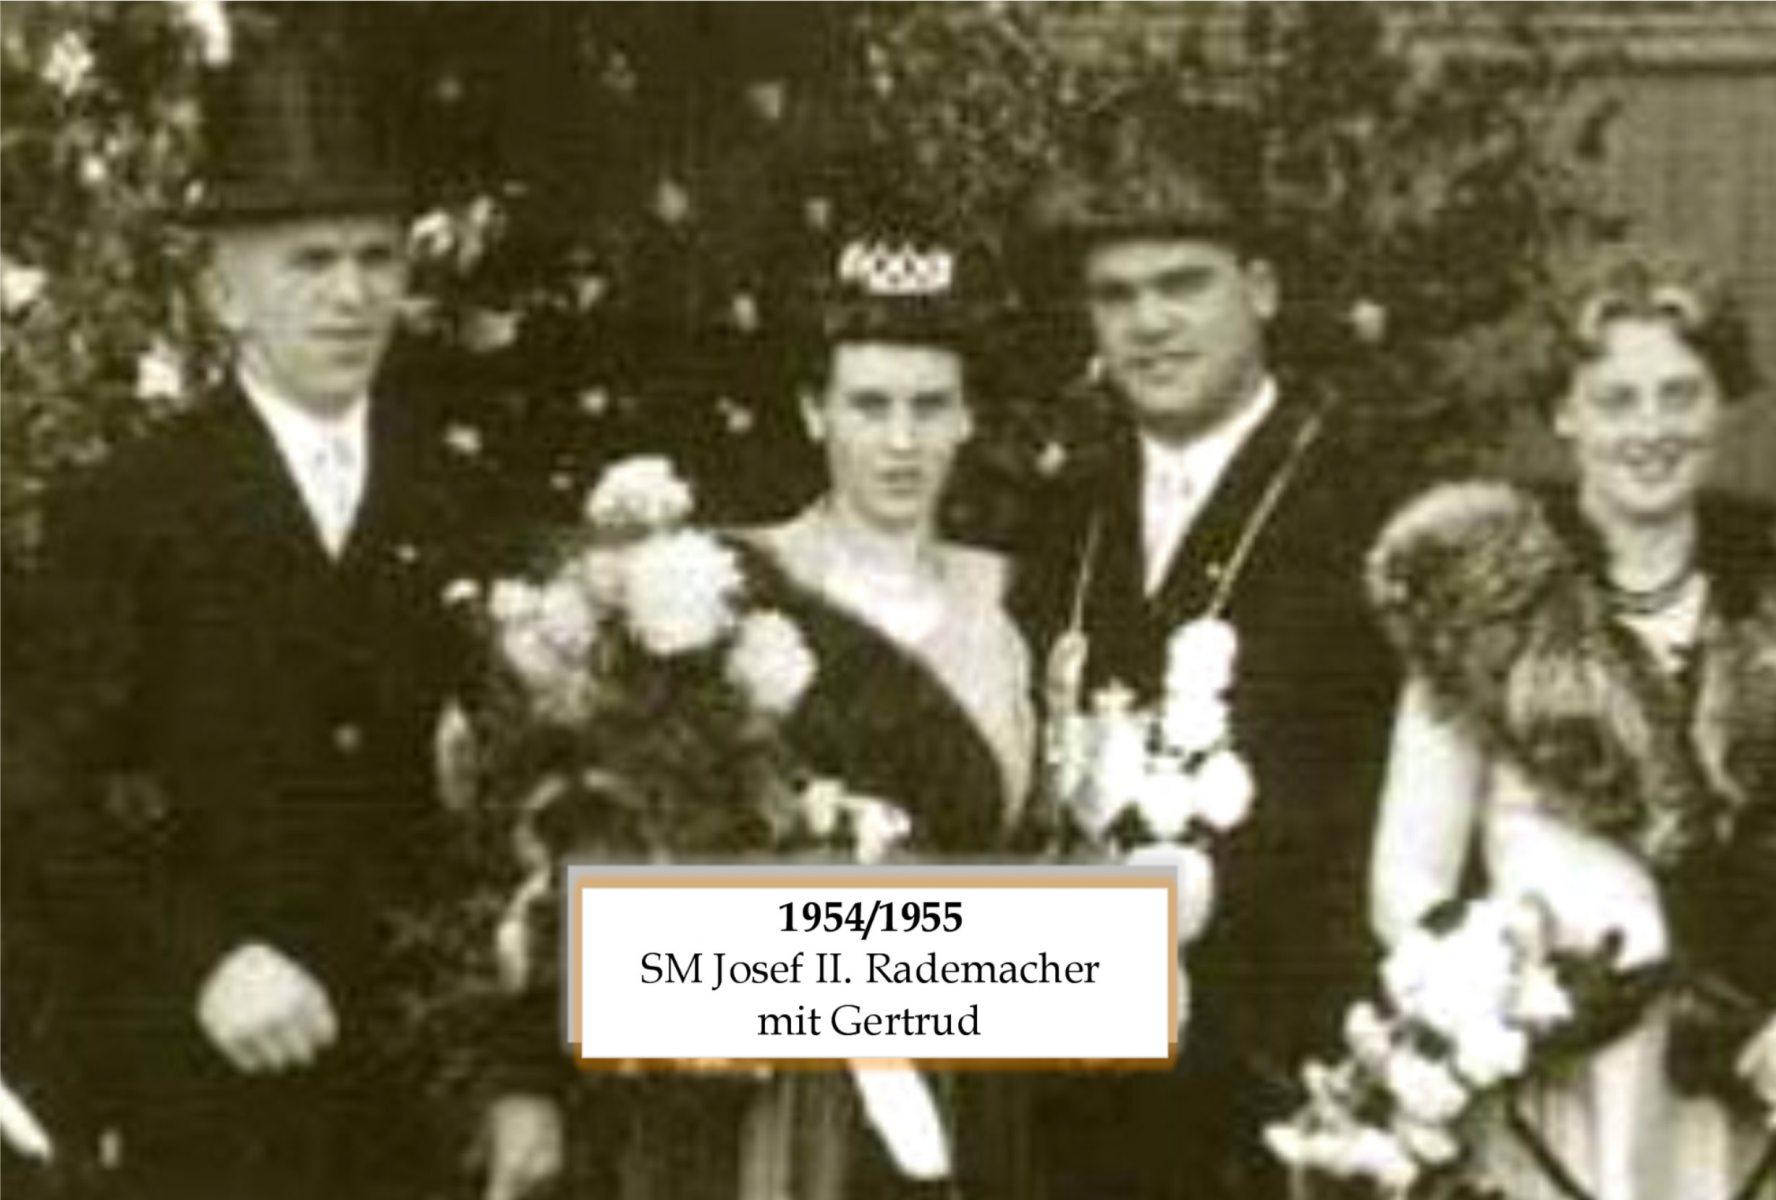 SM 1954/55 Josef Rademacher mit Gertrud